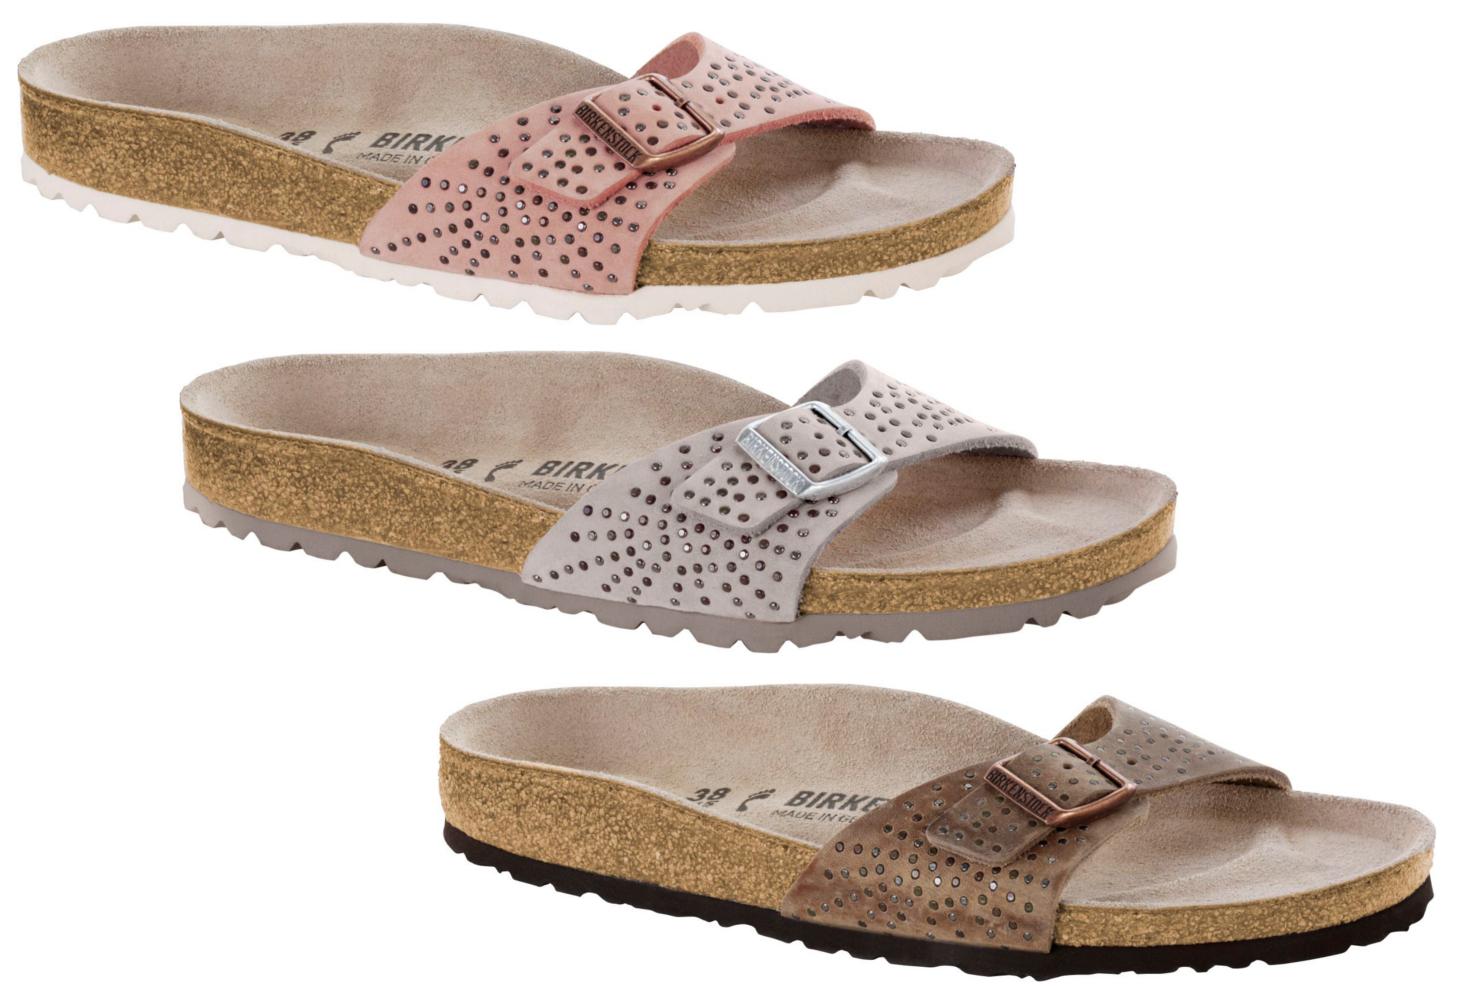 separation shoes fae2e 3f8c8 Nubukleder Birkenstock Madrid Pantolette Mit Rivets Crafted ...